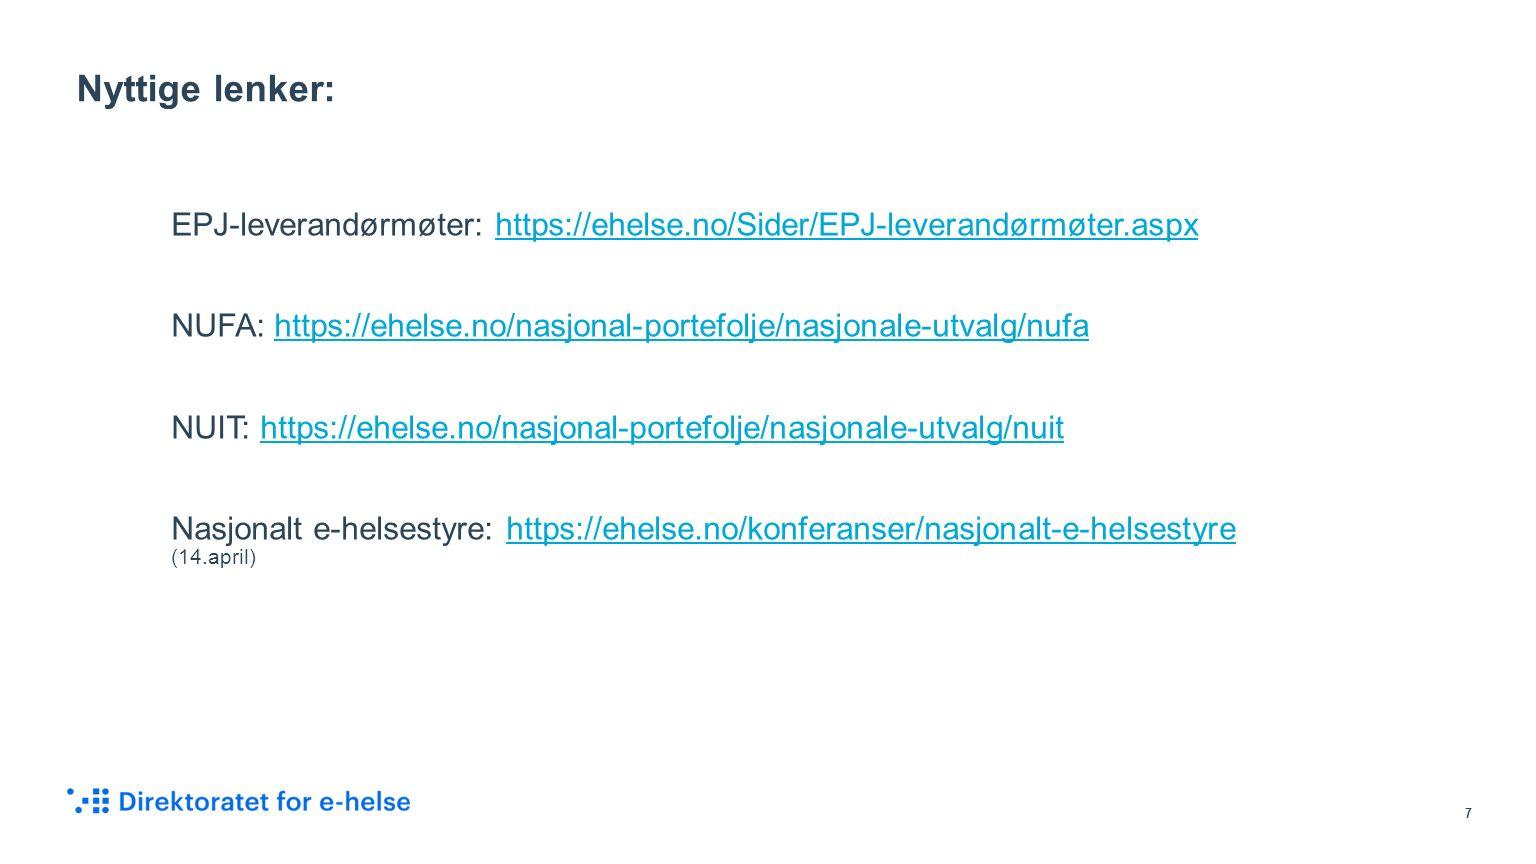 EPJ-leverandørmøter: https://ehelse.no/Sider/EPJ-leverandørmøter.aspxhttps://ehelse.no/Sider/EPJ-leverandørmøter.aspx NUFA: https://ehelse.no/nasjonal